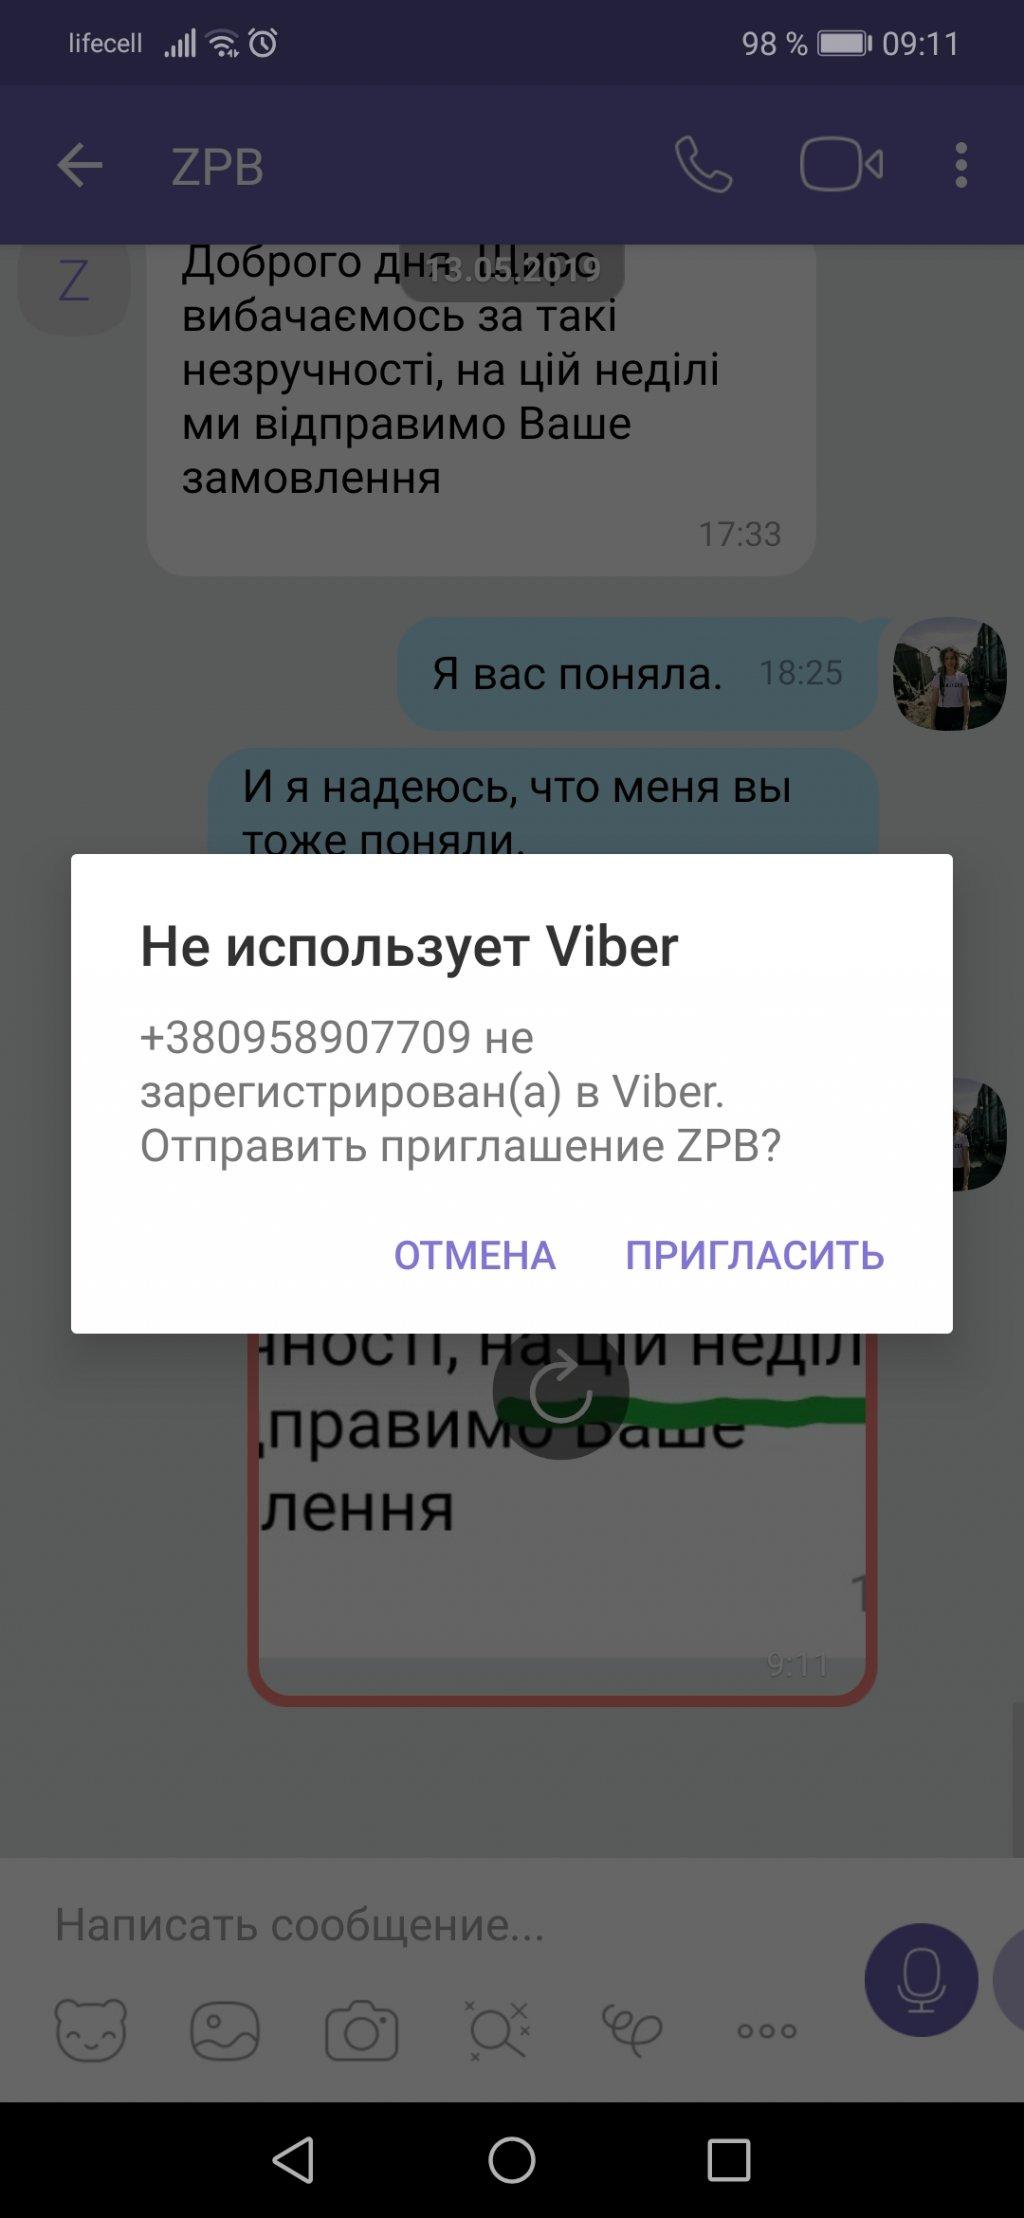 zpb.com.ua интернет-магазин - Оплаченный заказ жду 2 недели